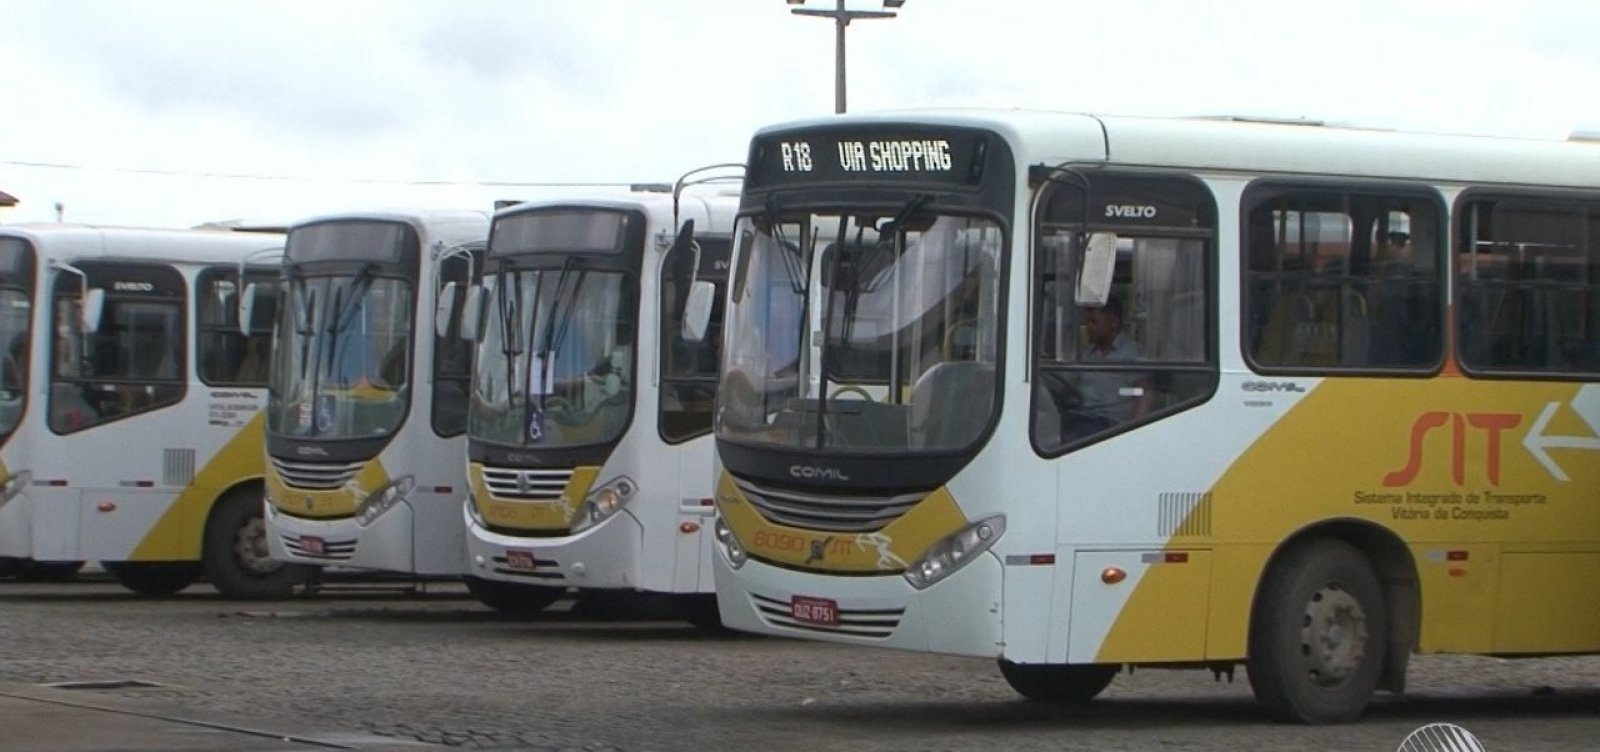 [Tarifa de ônibus em Vitória da Conquista sobre para R$ 3,80 neste domingo]